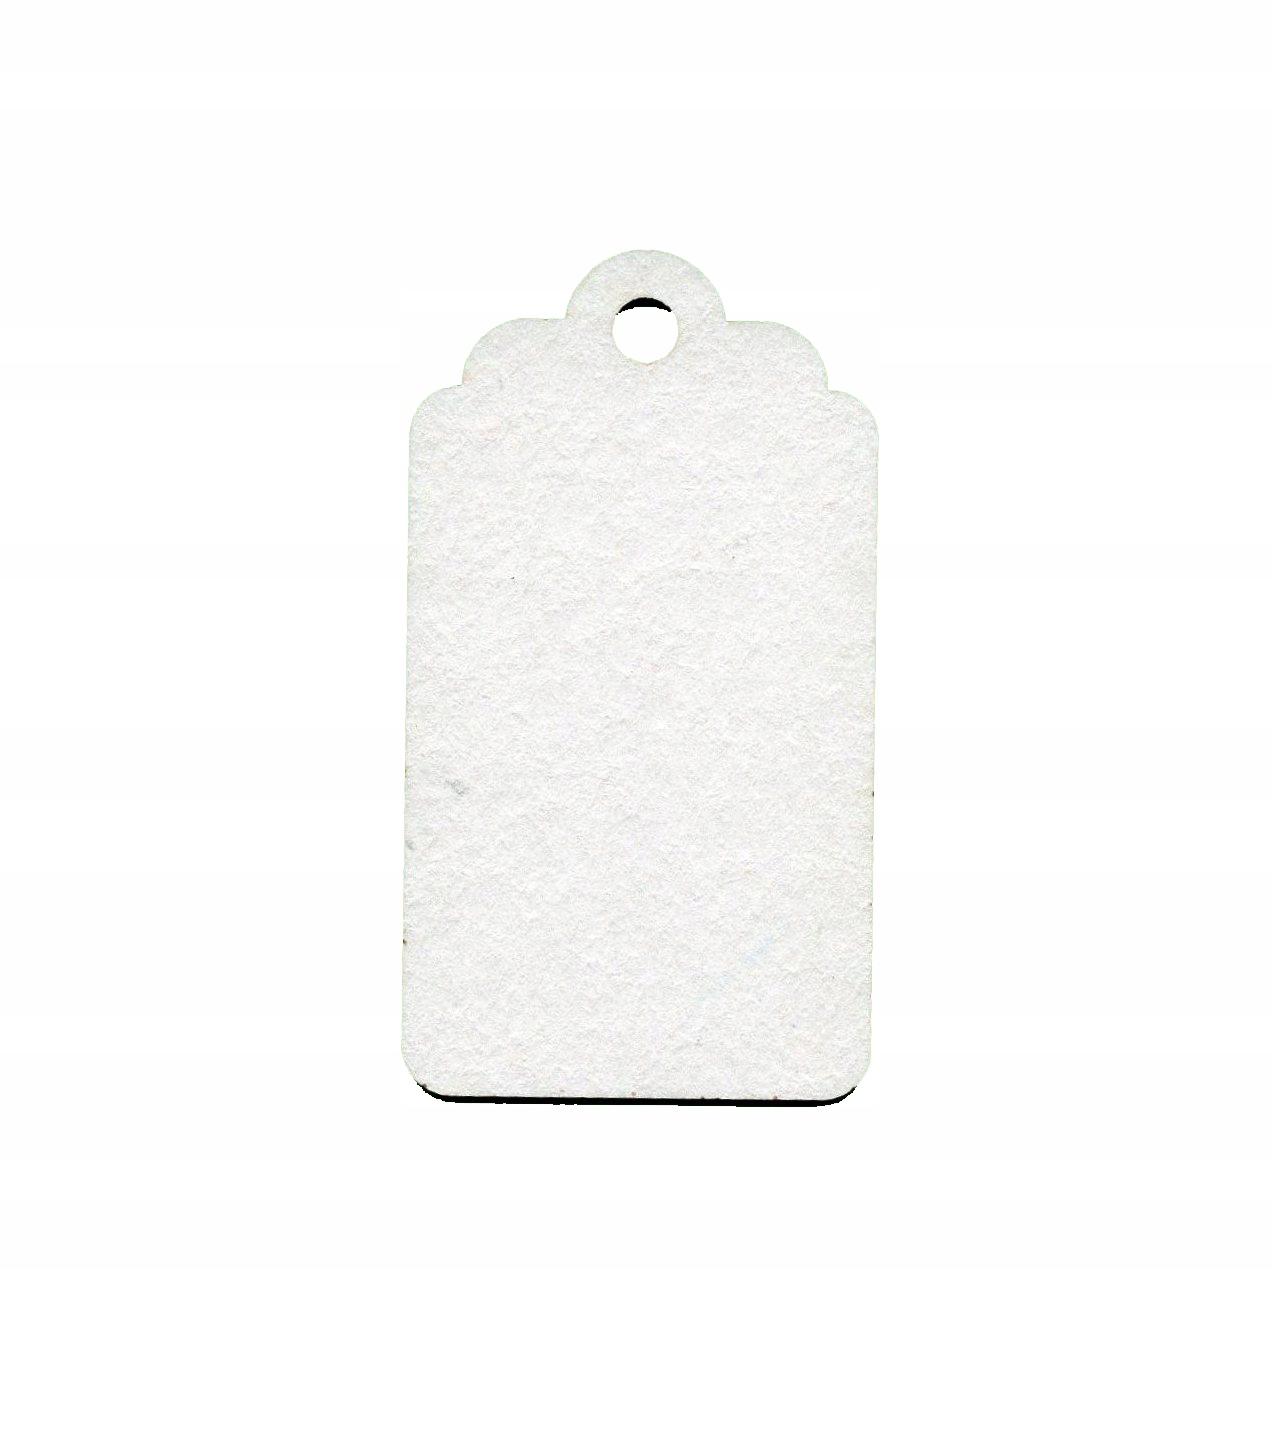 Кулоны, бирки картонные, пивной коврик 70х40 10 шт.